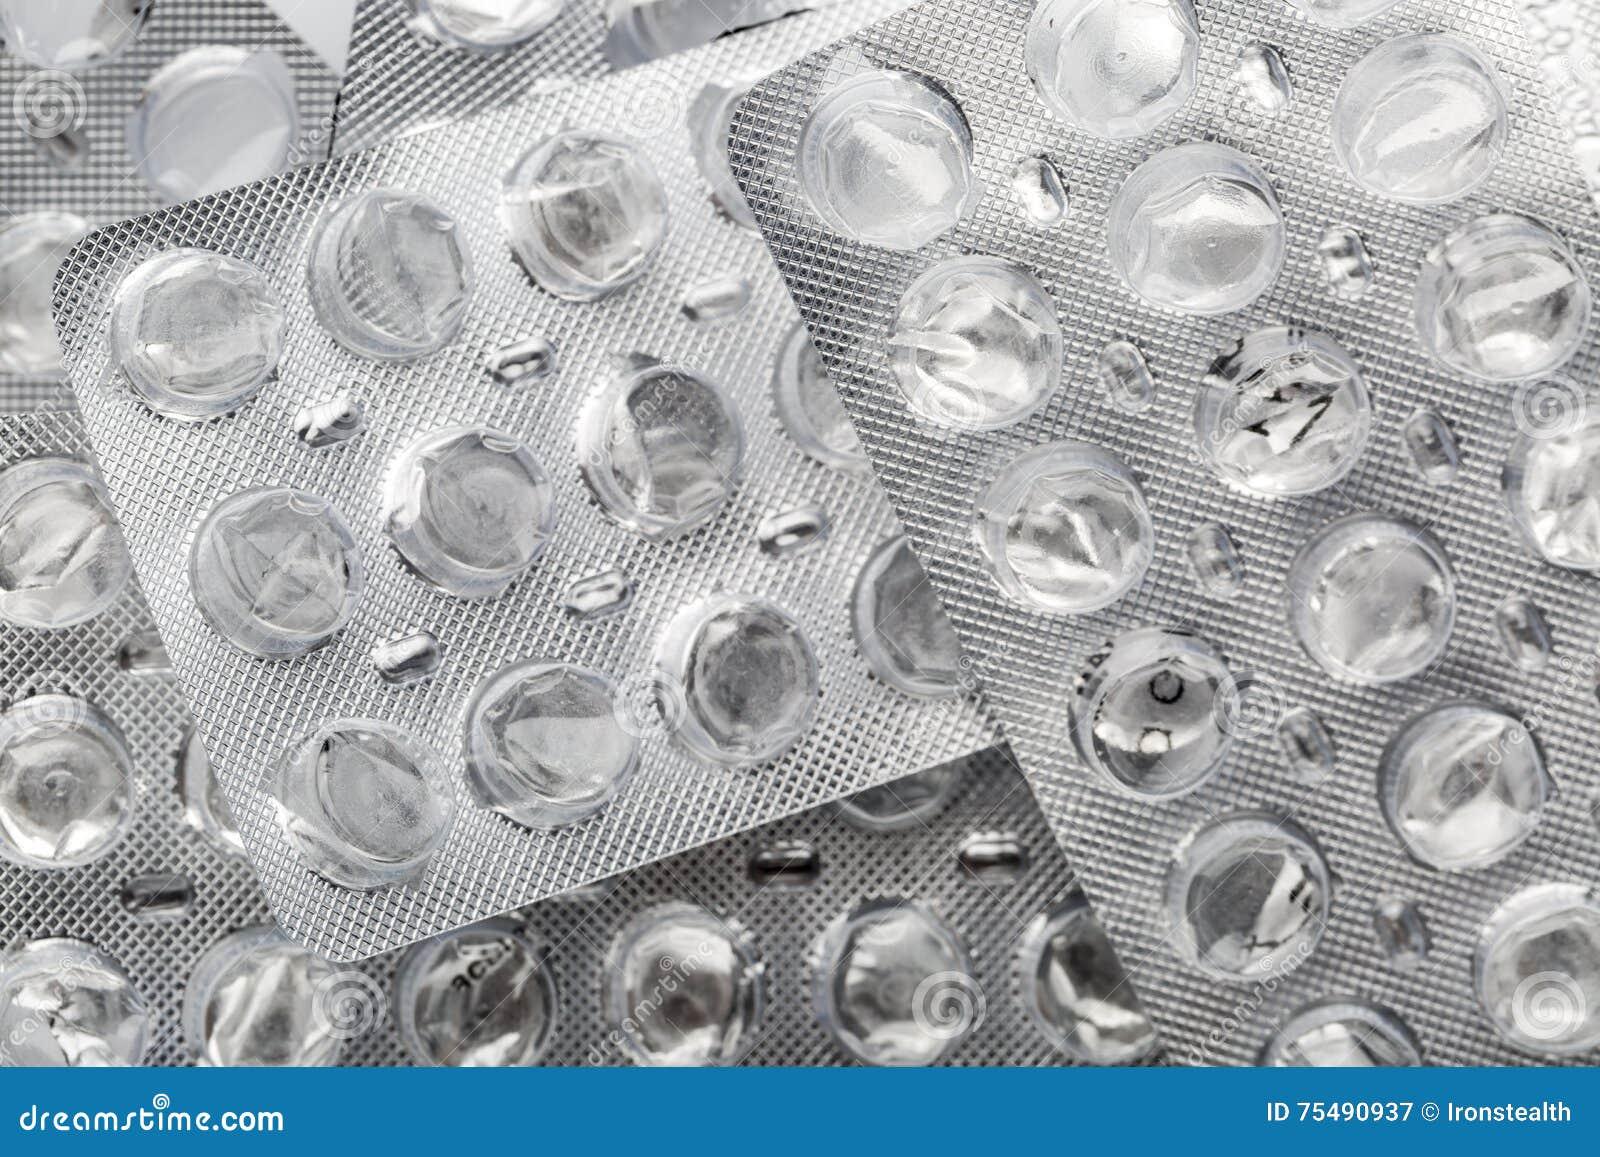 治疗在家 使用和倒空药片天线罩包装